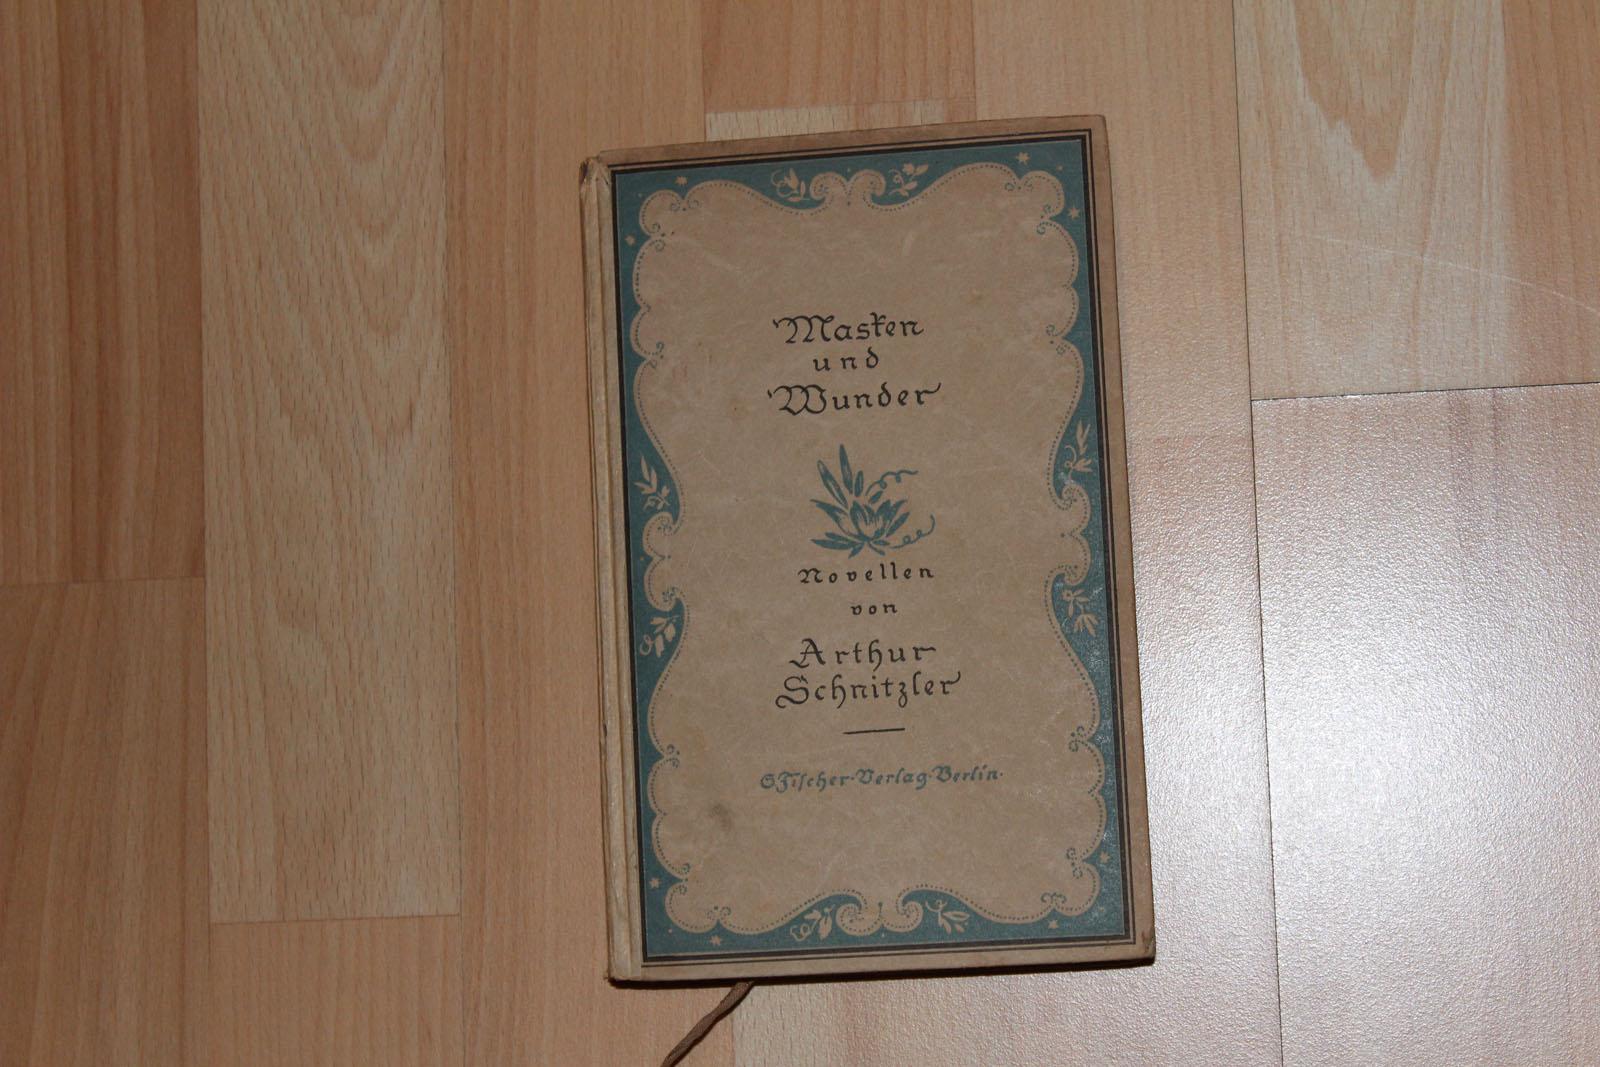 Masken und Wunder. Novellen von Arthur Schnitzler.: Schnitzler, Arthur: